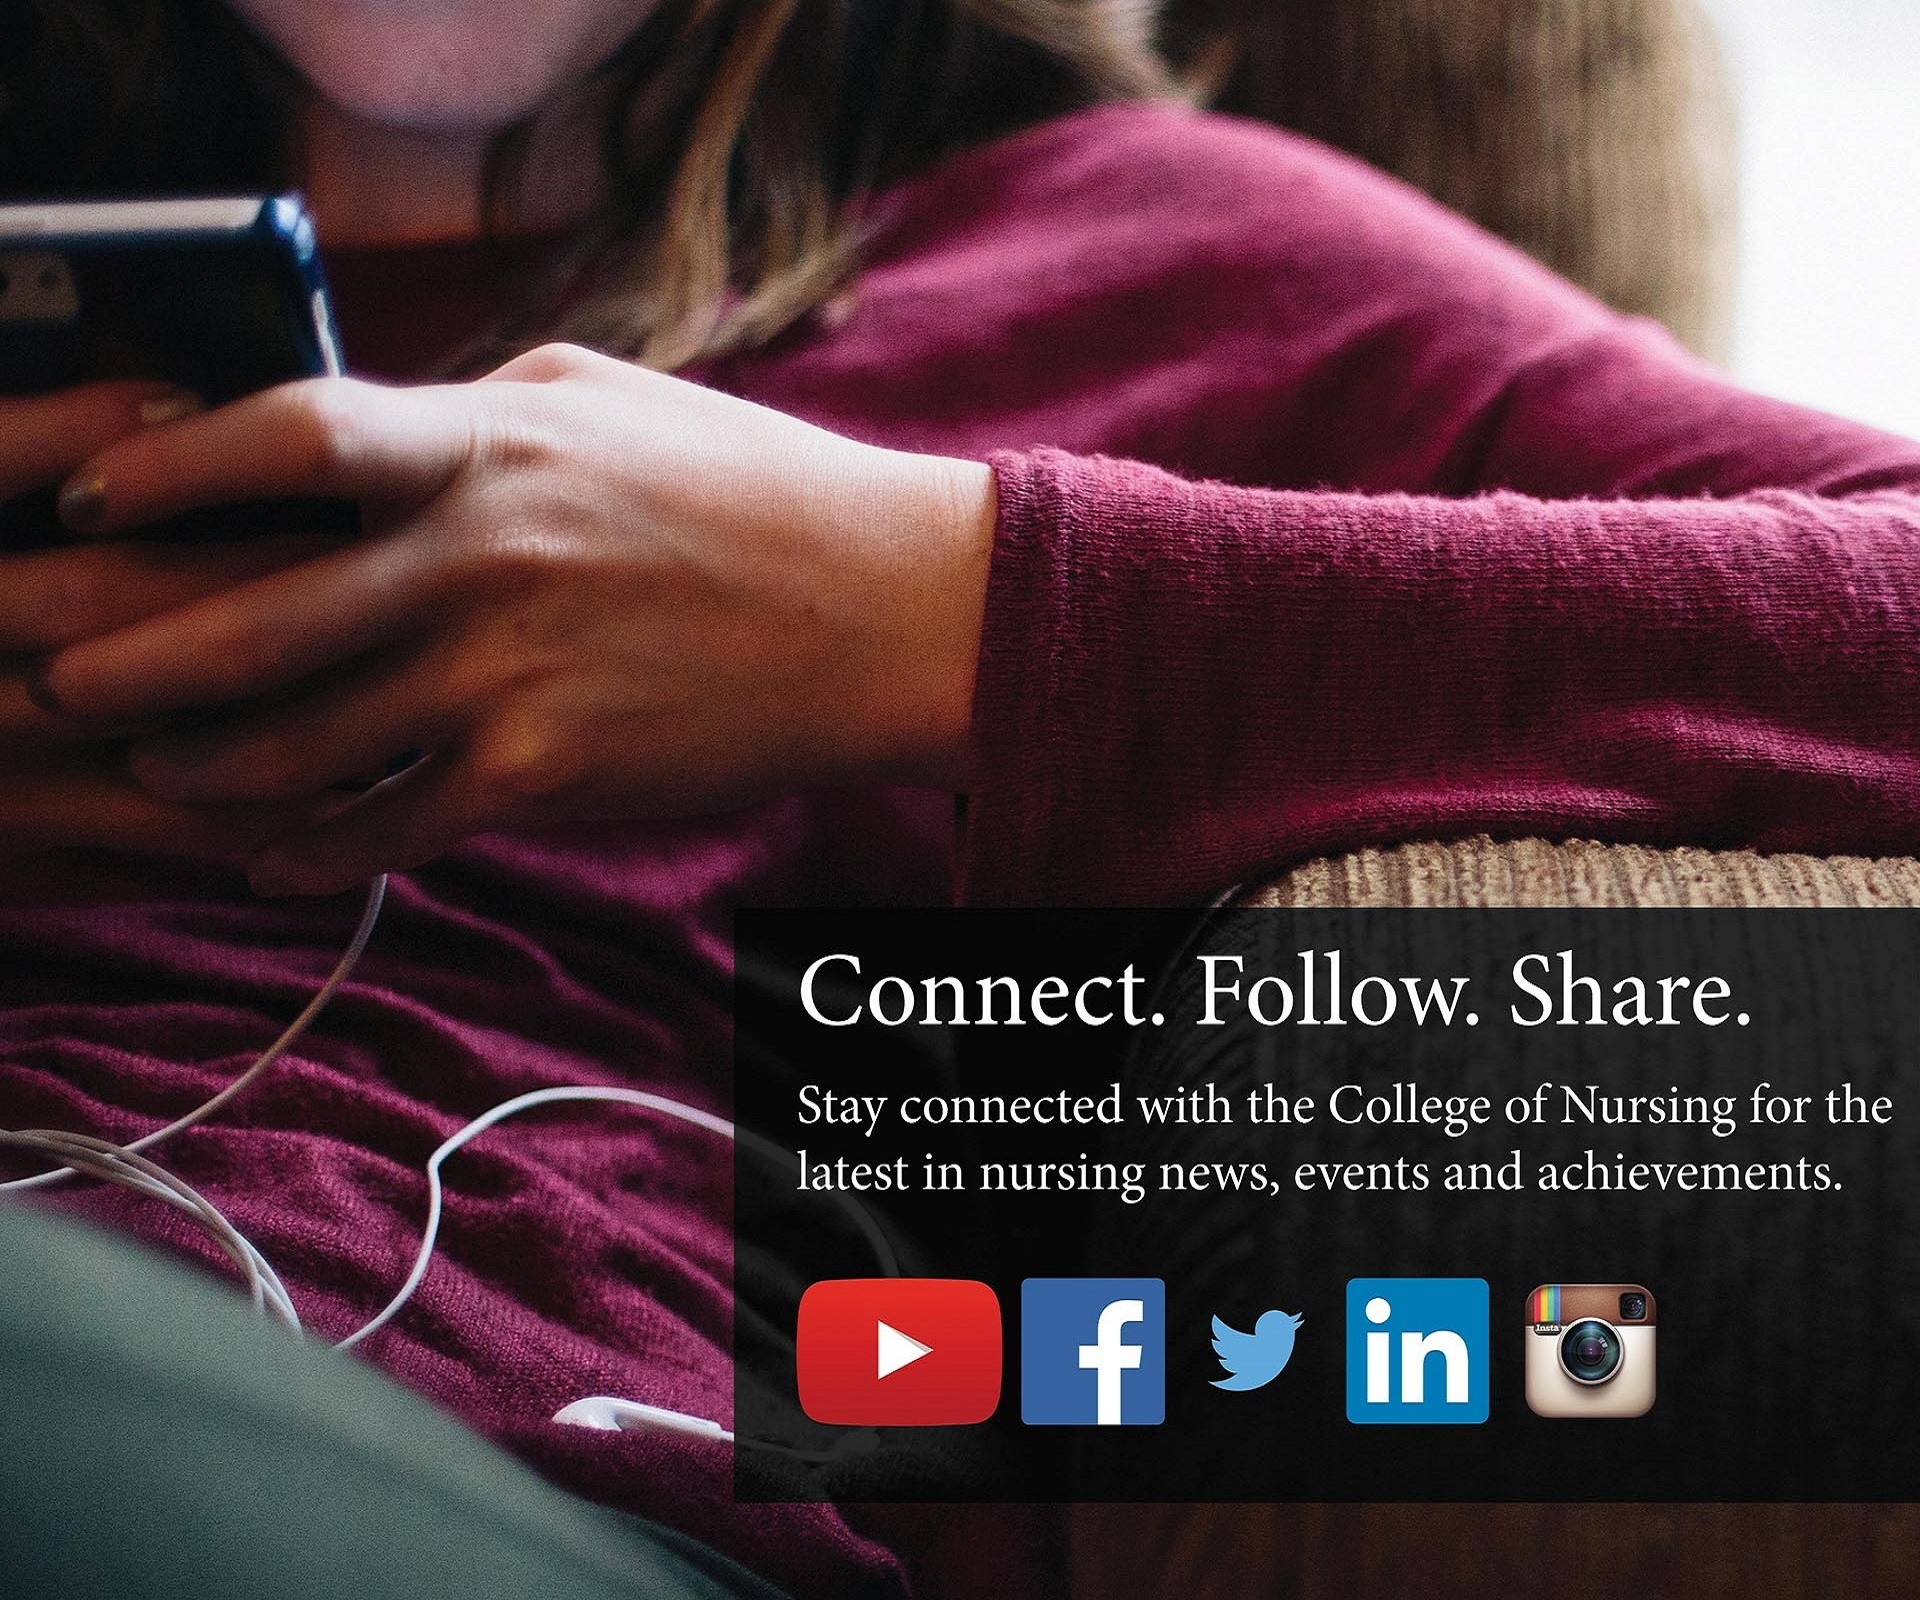 p_CON Social Media_1920x1600.jpg